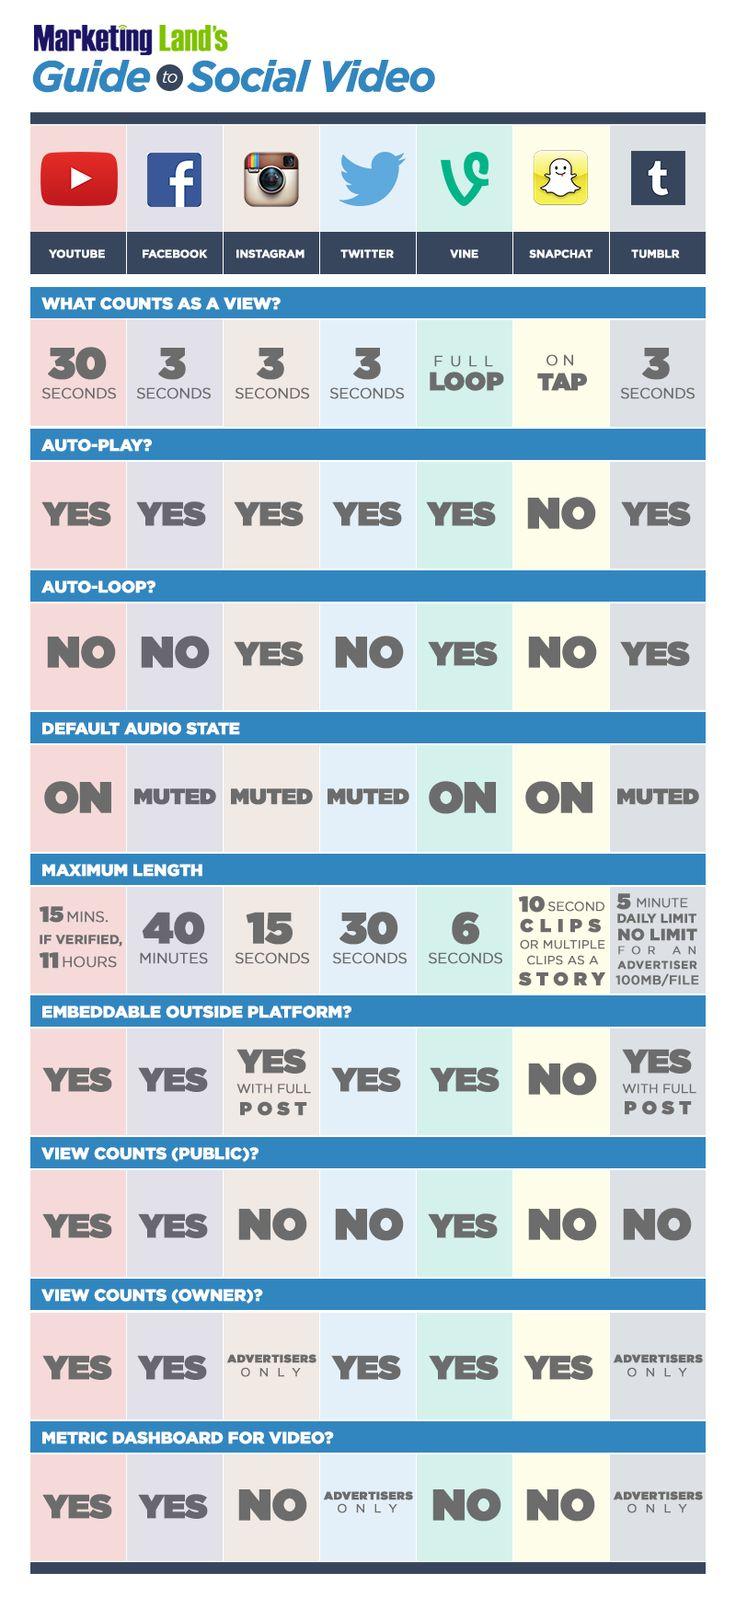 Infografik: 7 #Video-Anbieter im Vergleich | #GEDANKENSPIELE by Dominik Ruisinger